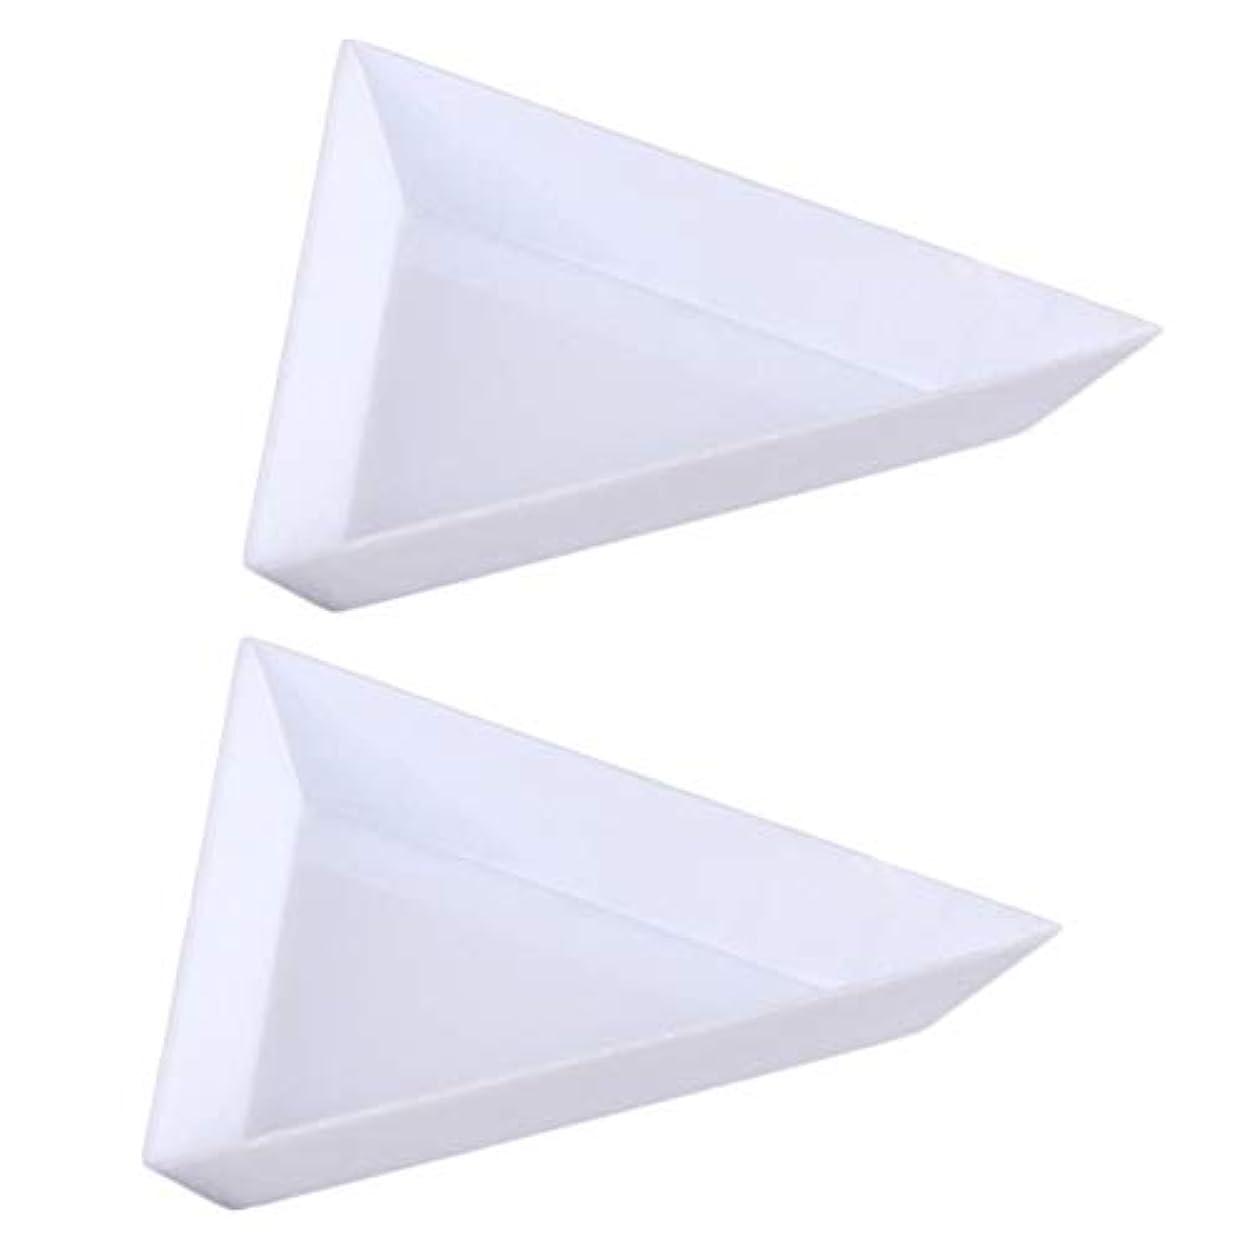 コスト残忍な日SODIAL 10個三角コーナープラスチックラインストーンビーズ 結晶 ネイルアートソーティングトレイアクセサリー白 DiyネイルアートデコレーションDotting収納トレイ オーガニゼーションに最適